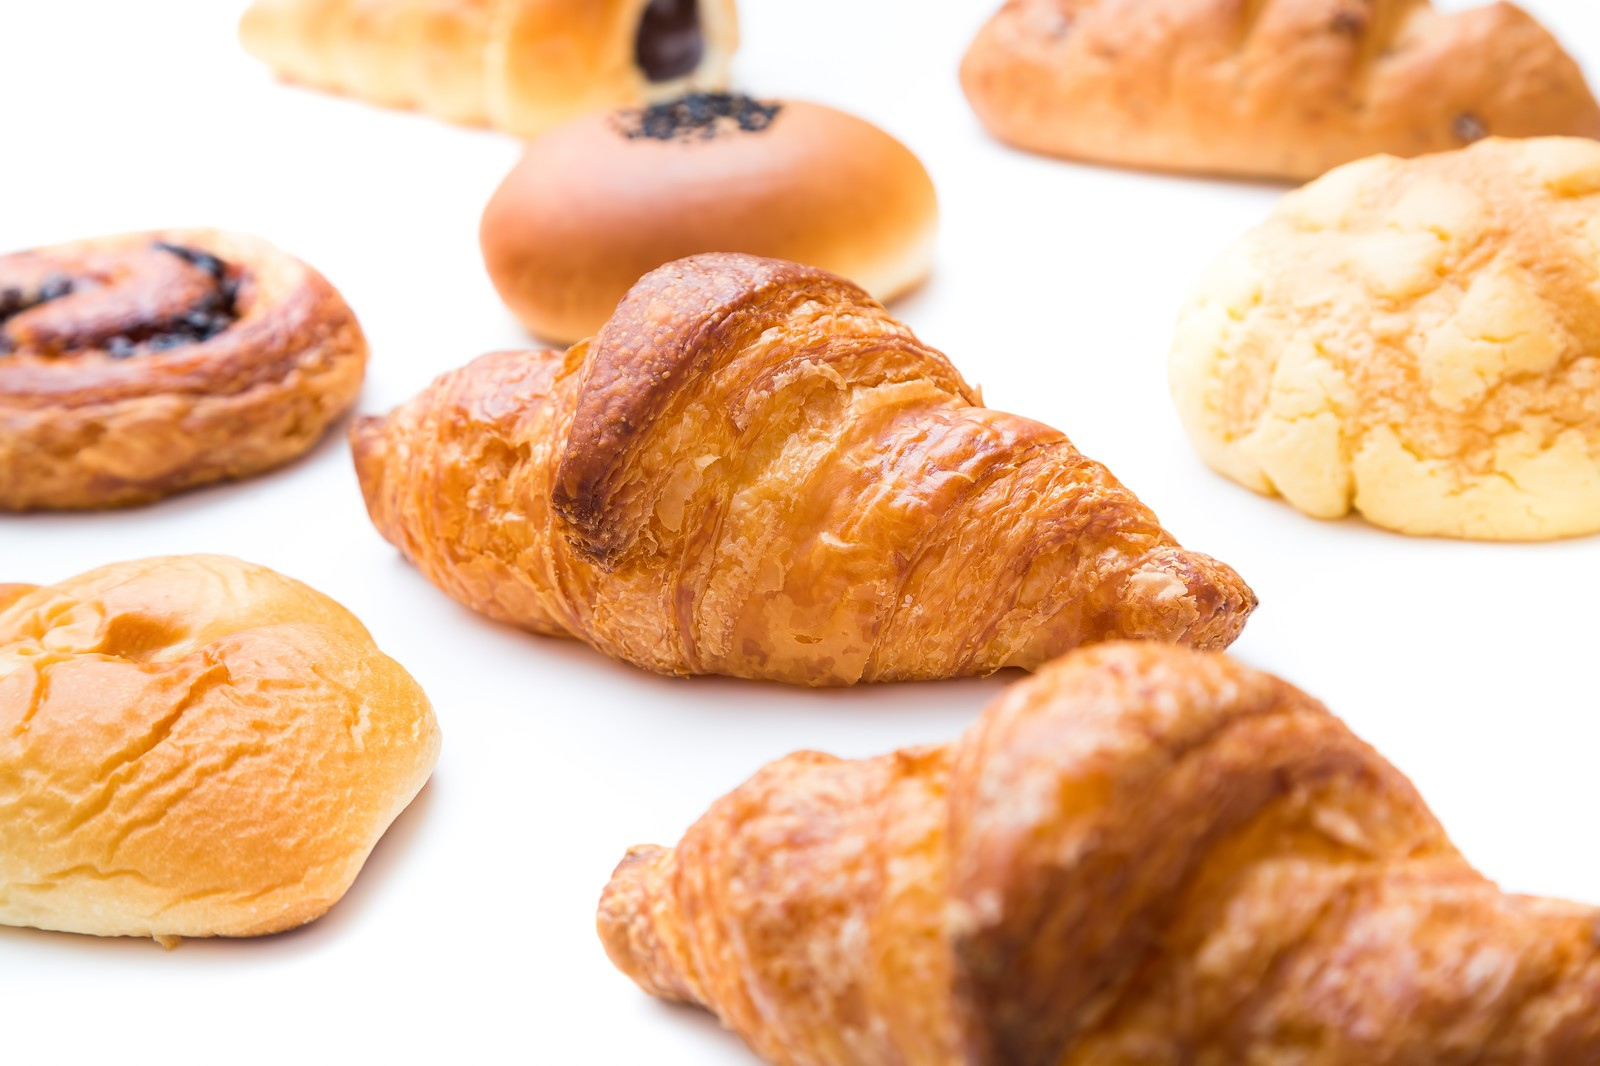 チェーン店のパン屋バイト、気になる時給や年齢層、男女比、勤務時間は?